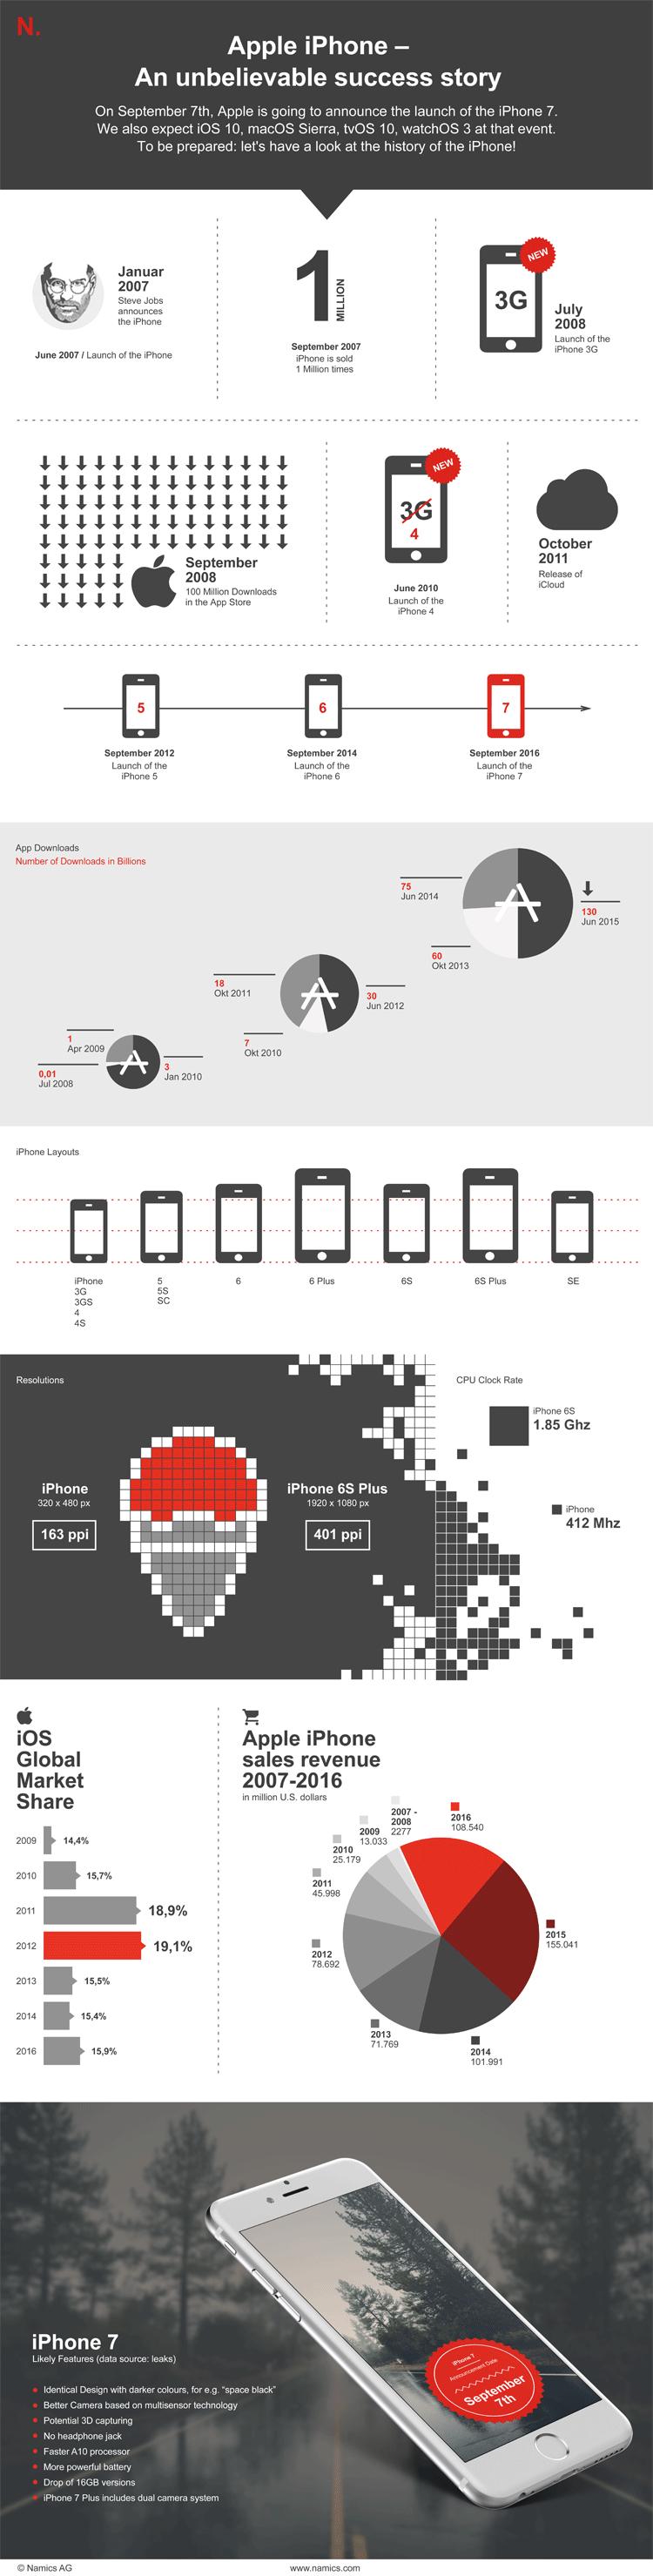 Infografik zur Geschichte des iPhones